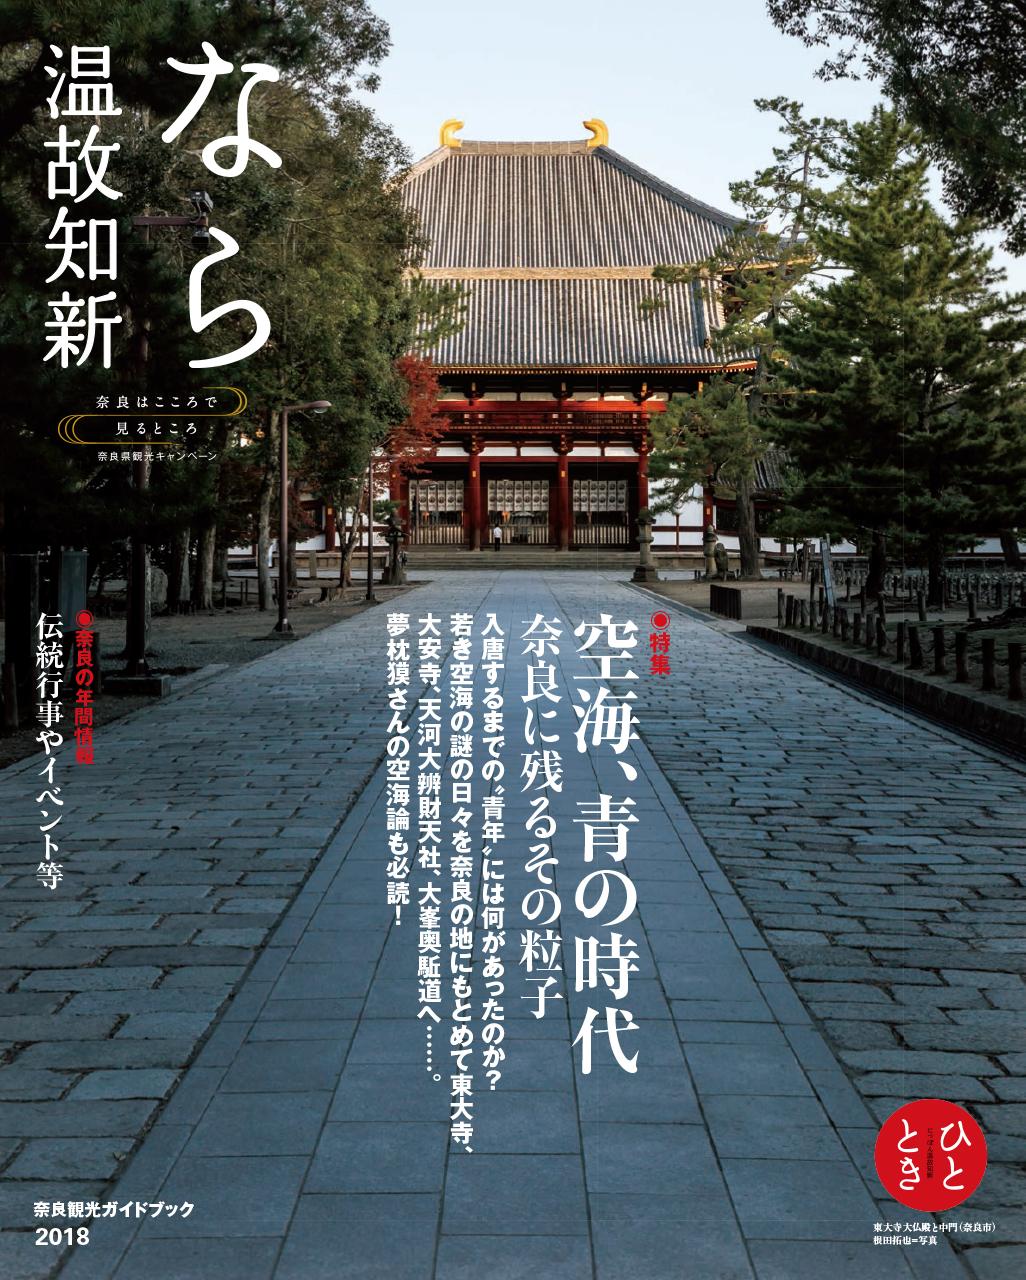 なら 温故知新-奈良観光ガイドブック2018-